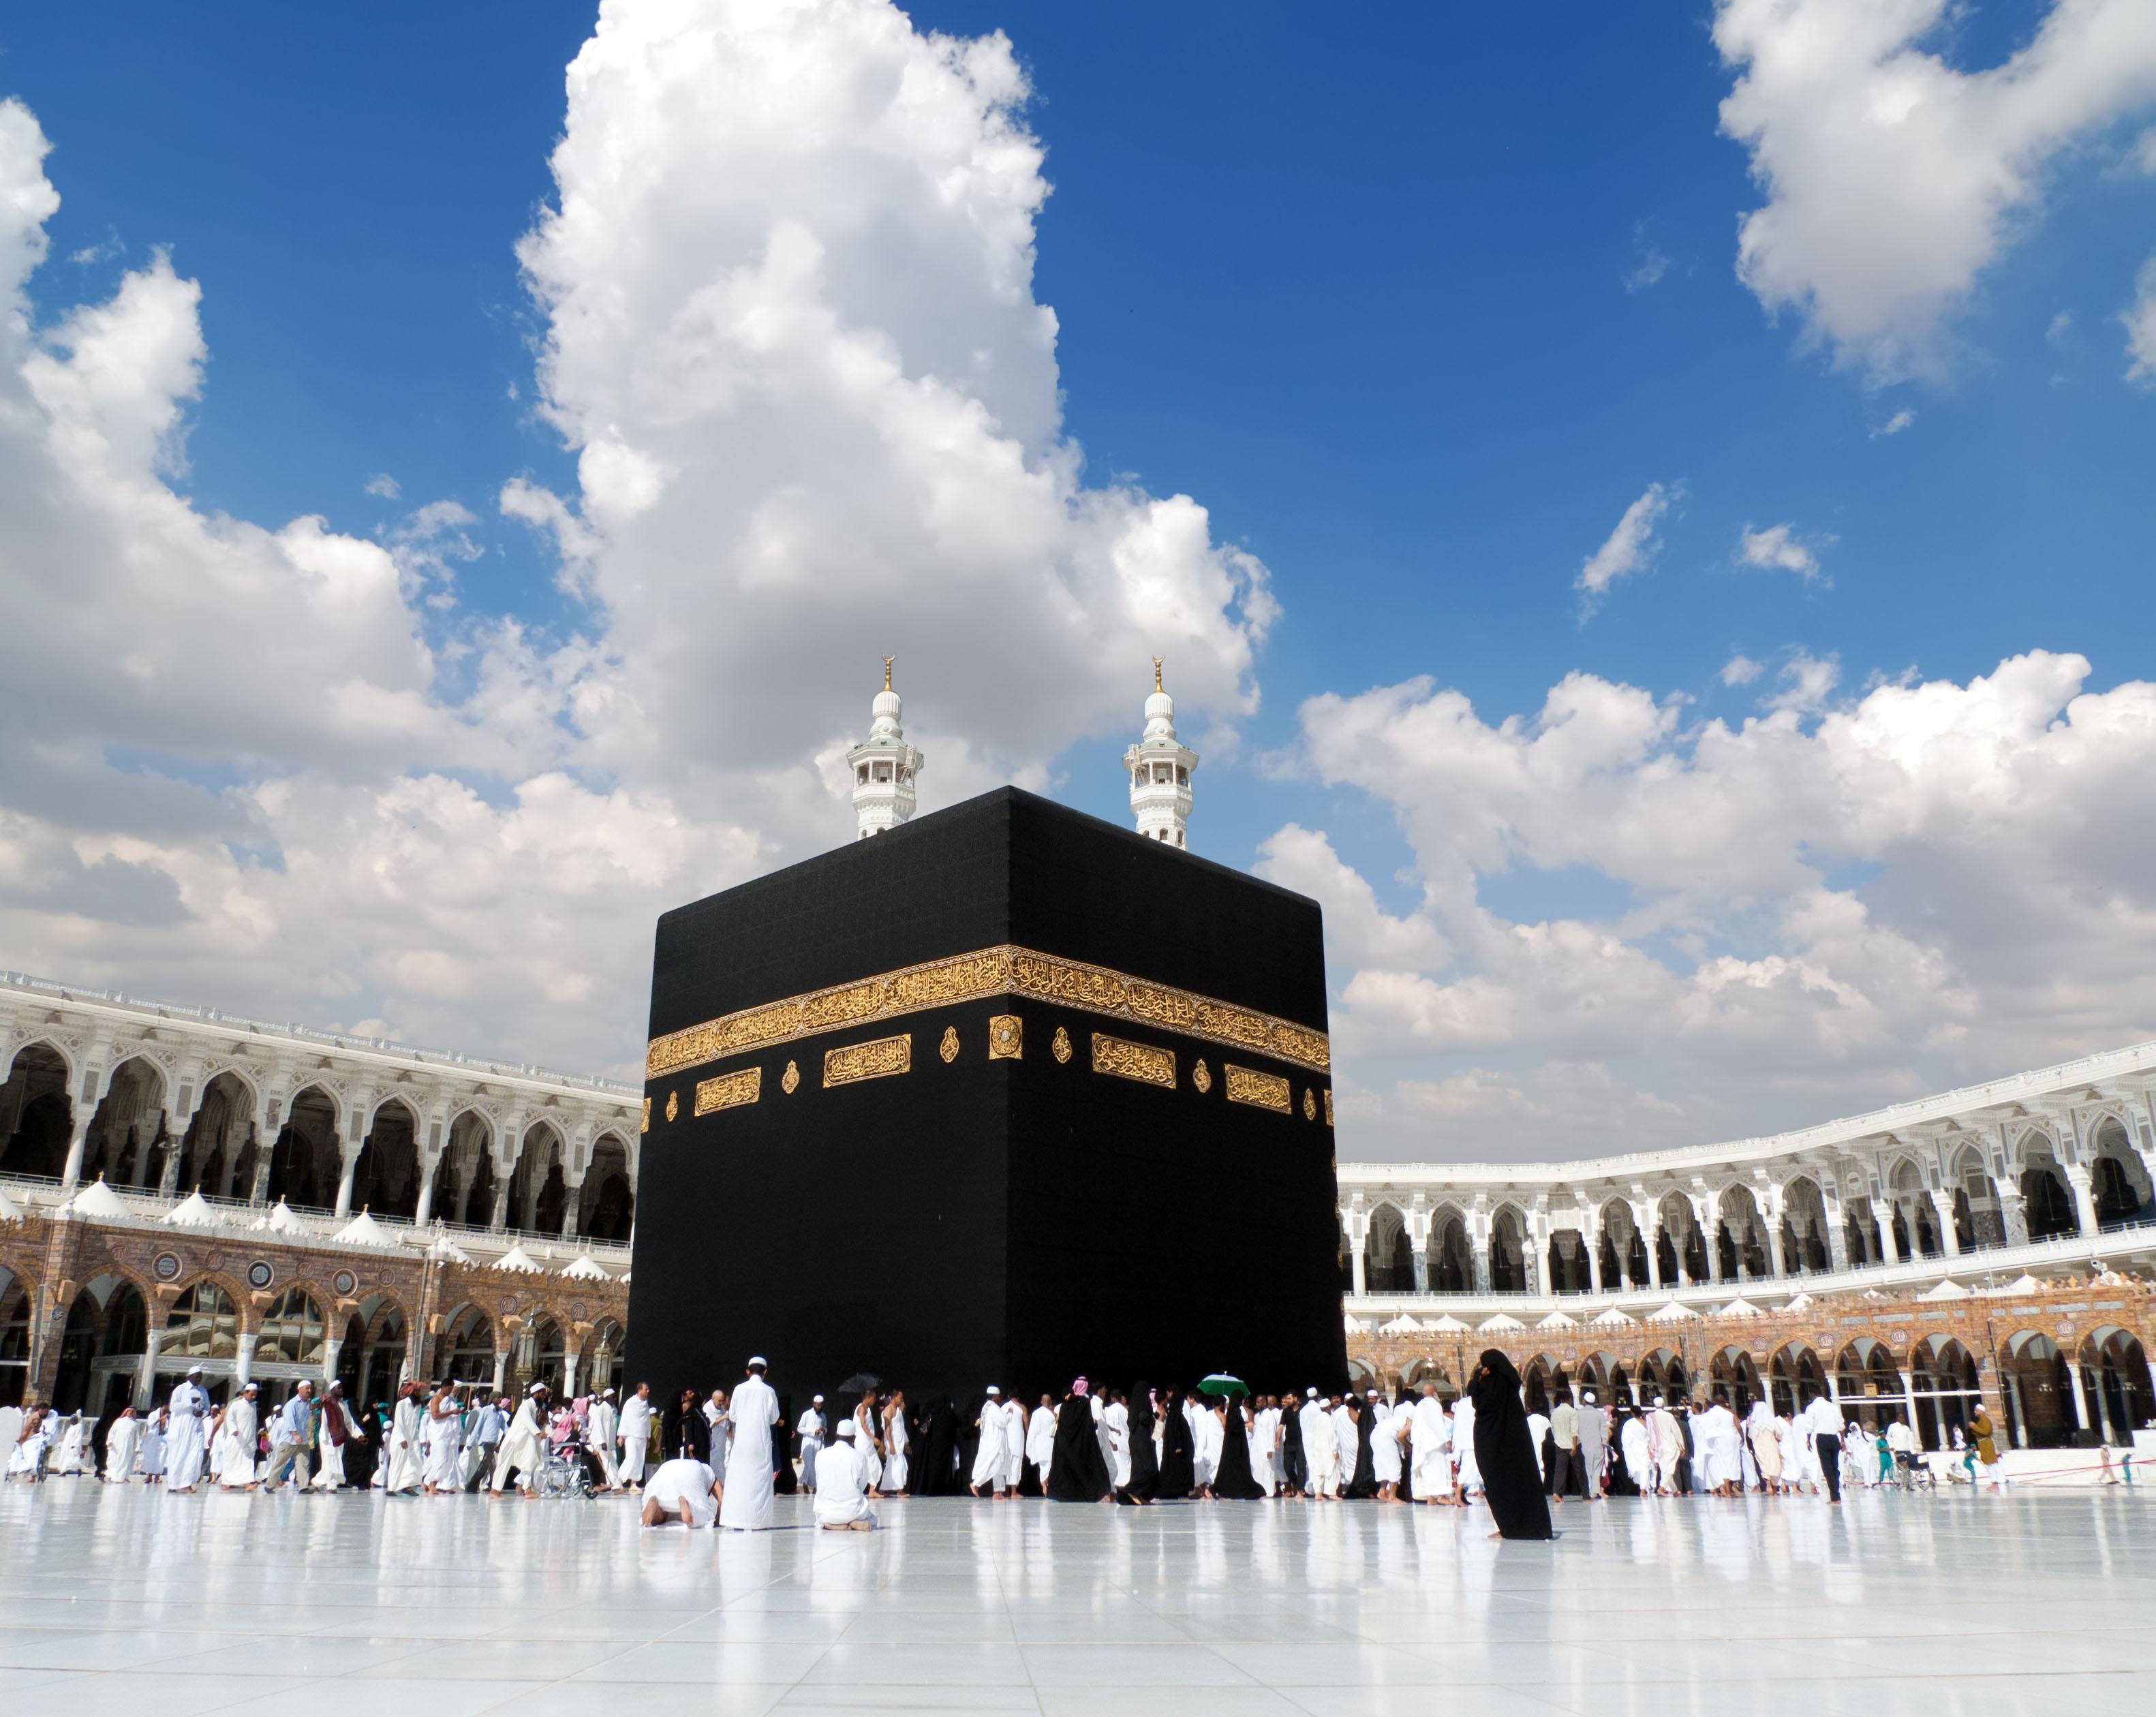 Saudi Arabia denies blocking Iranian pilgrims from Hajj